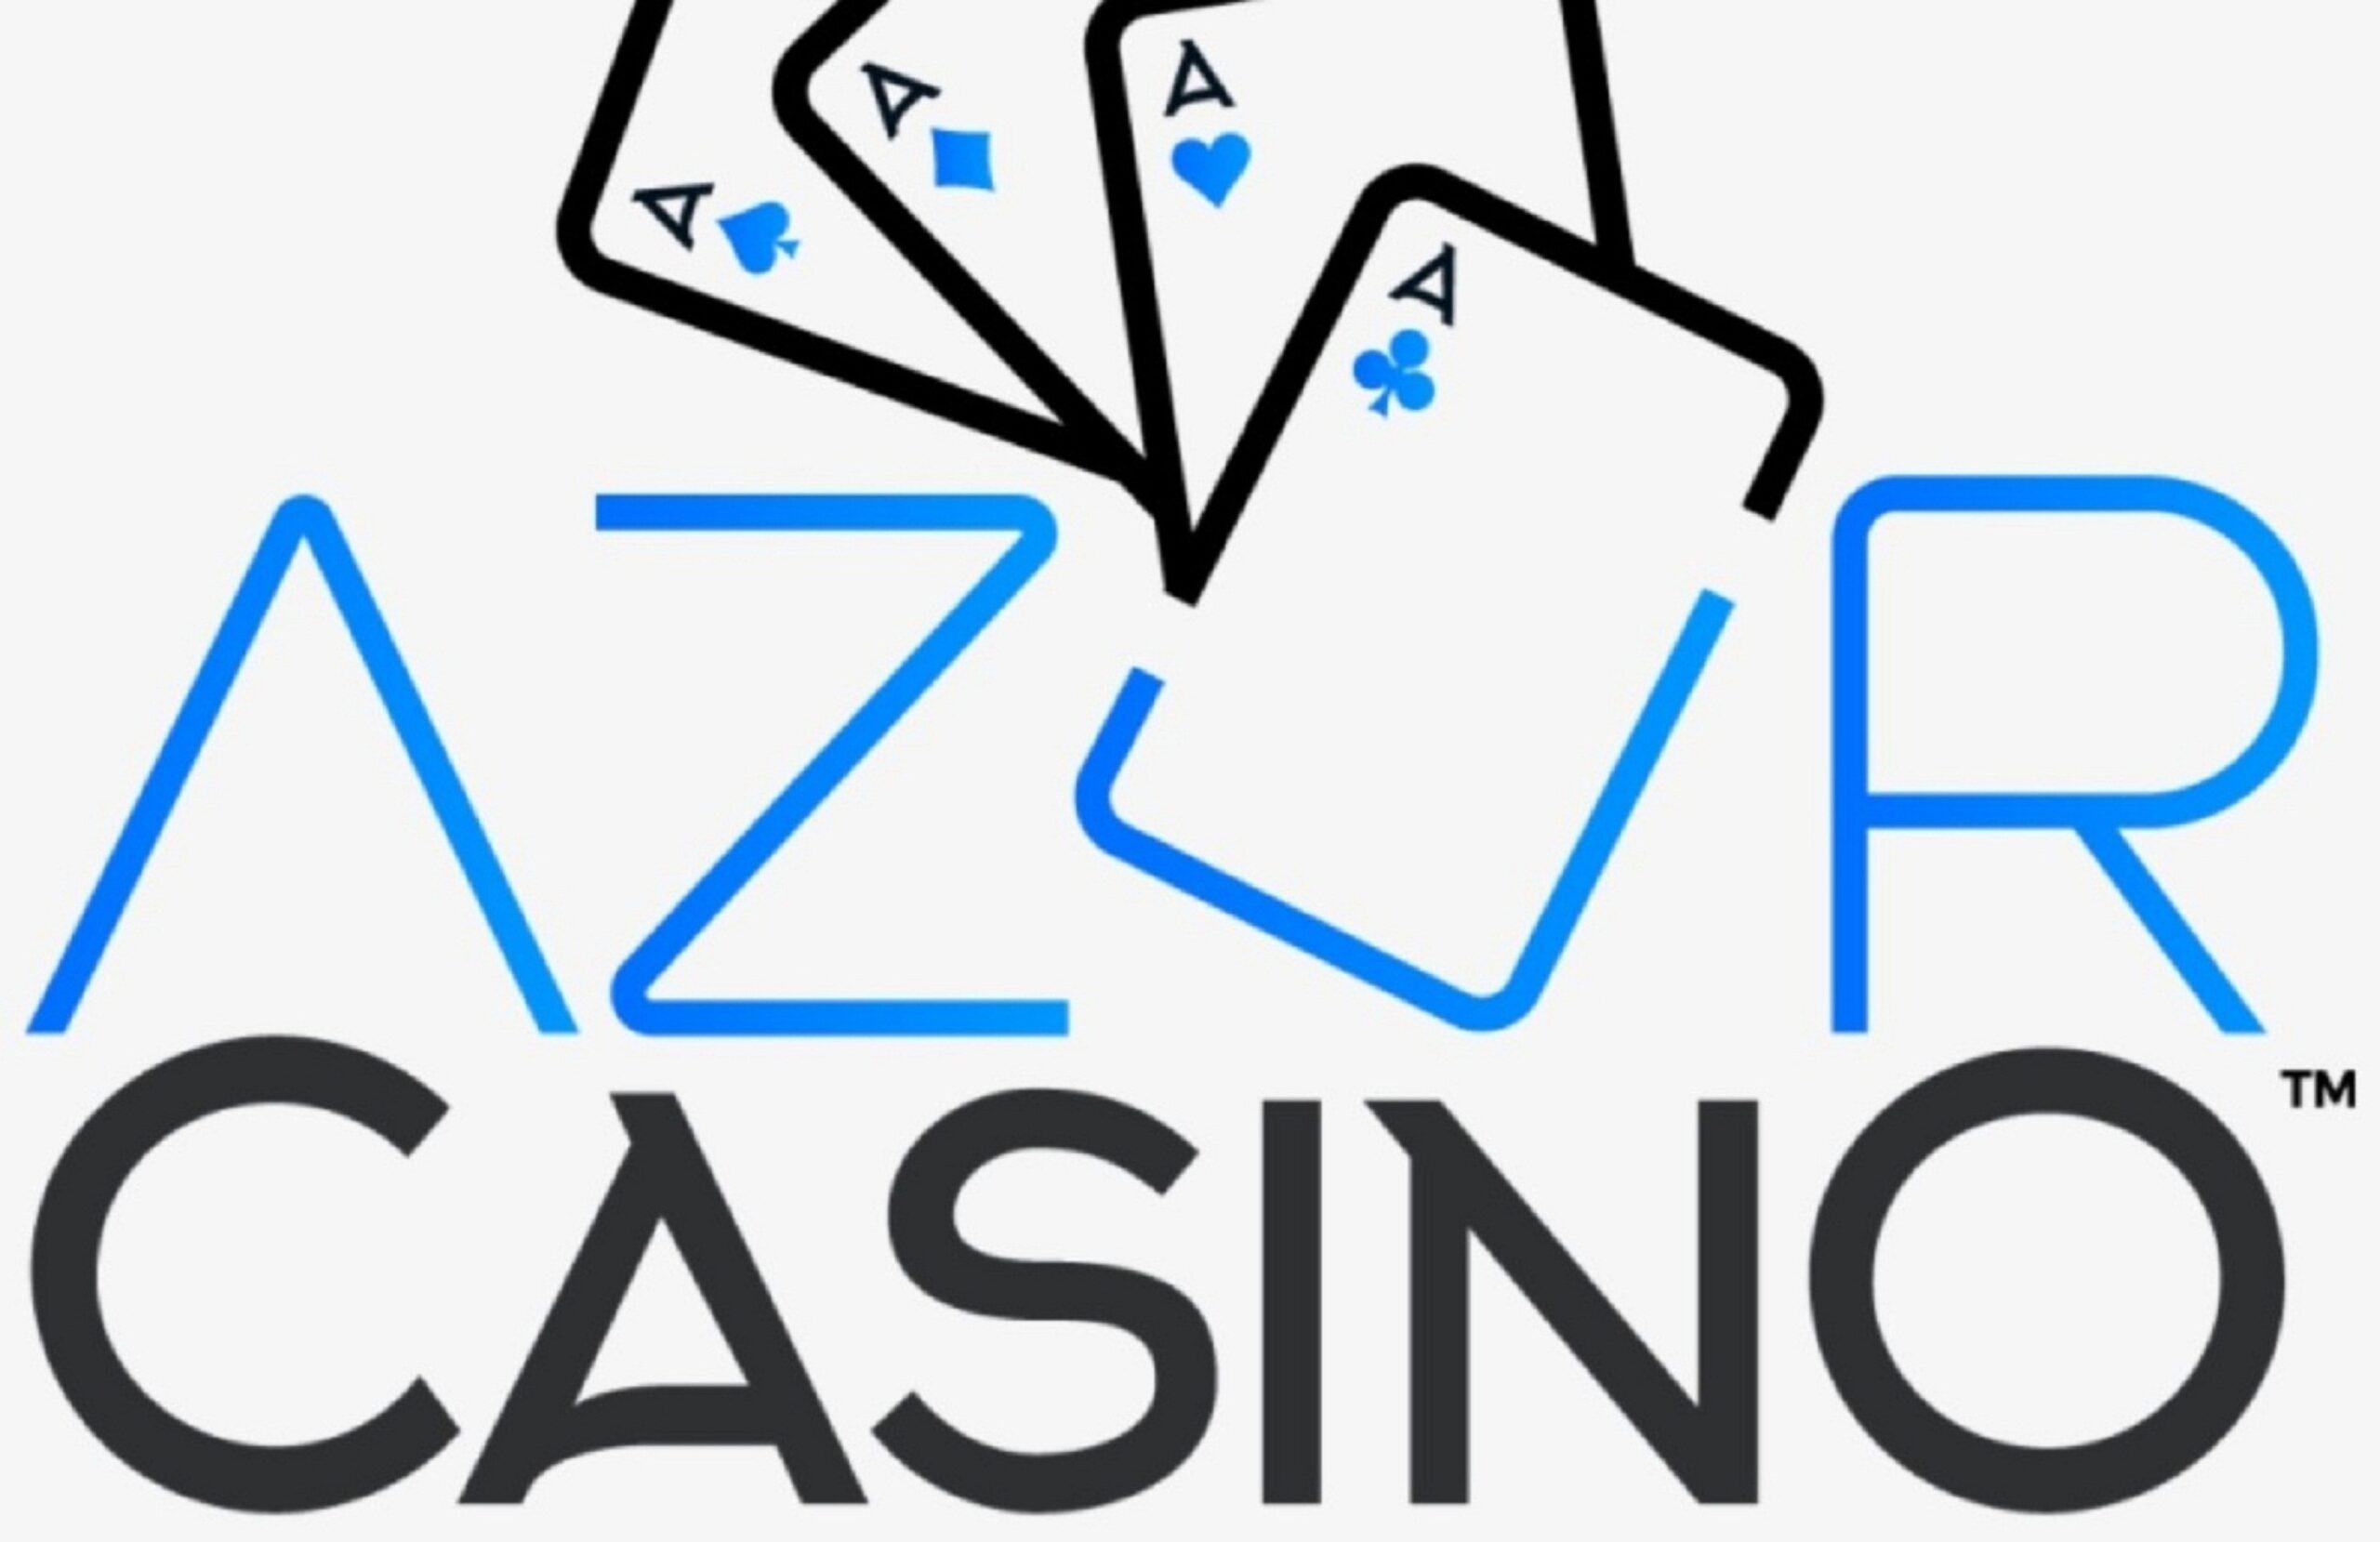 caracteristiques et fonctionnement de l azur casino